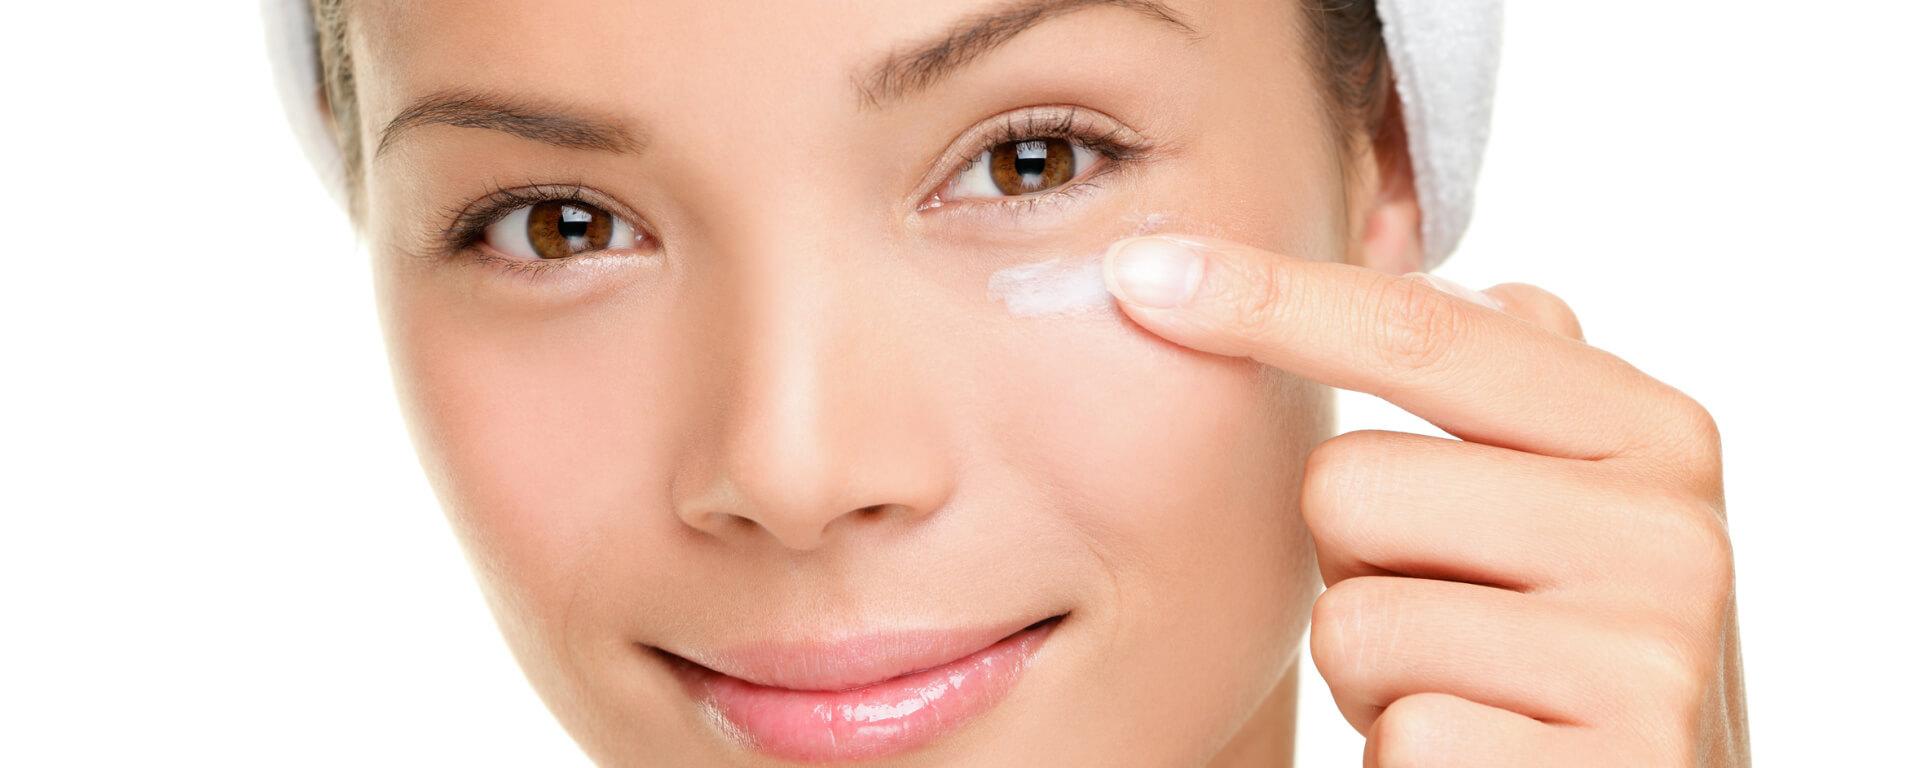 Как улучшить состояние кожи: 9 полезных советов